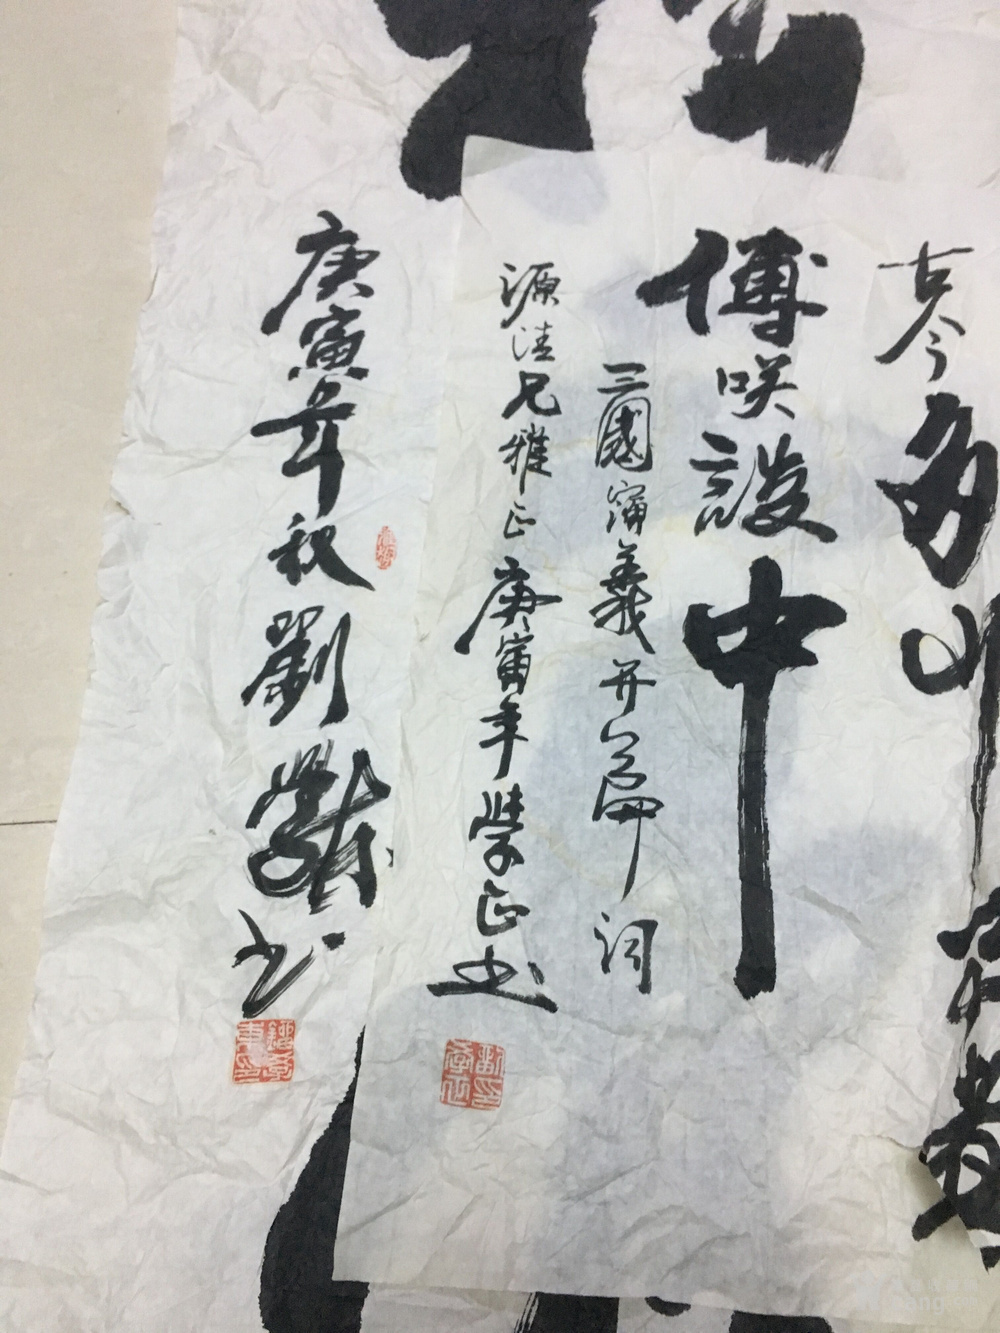 刘学正 刘学东书法各一幅图片